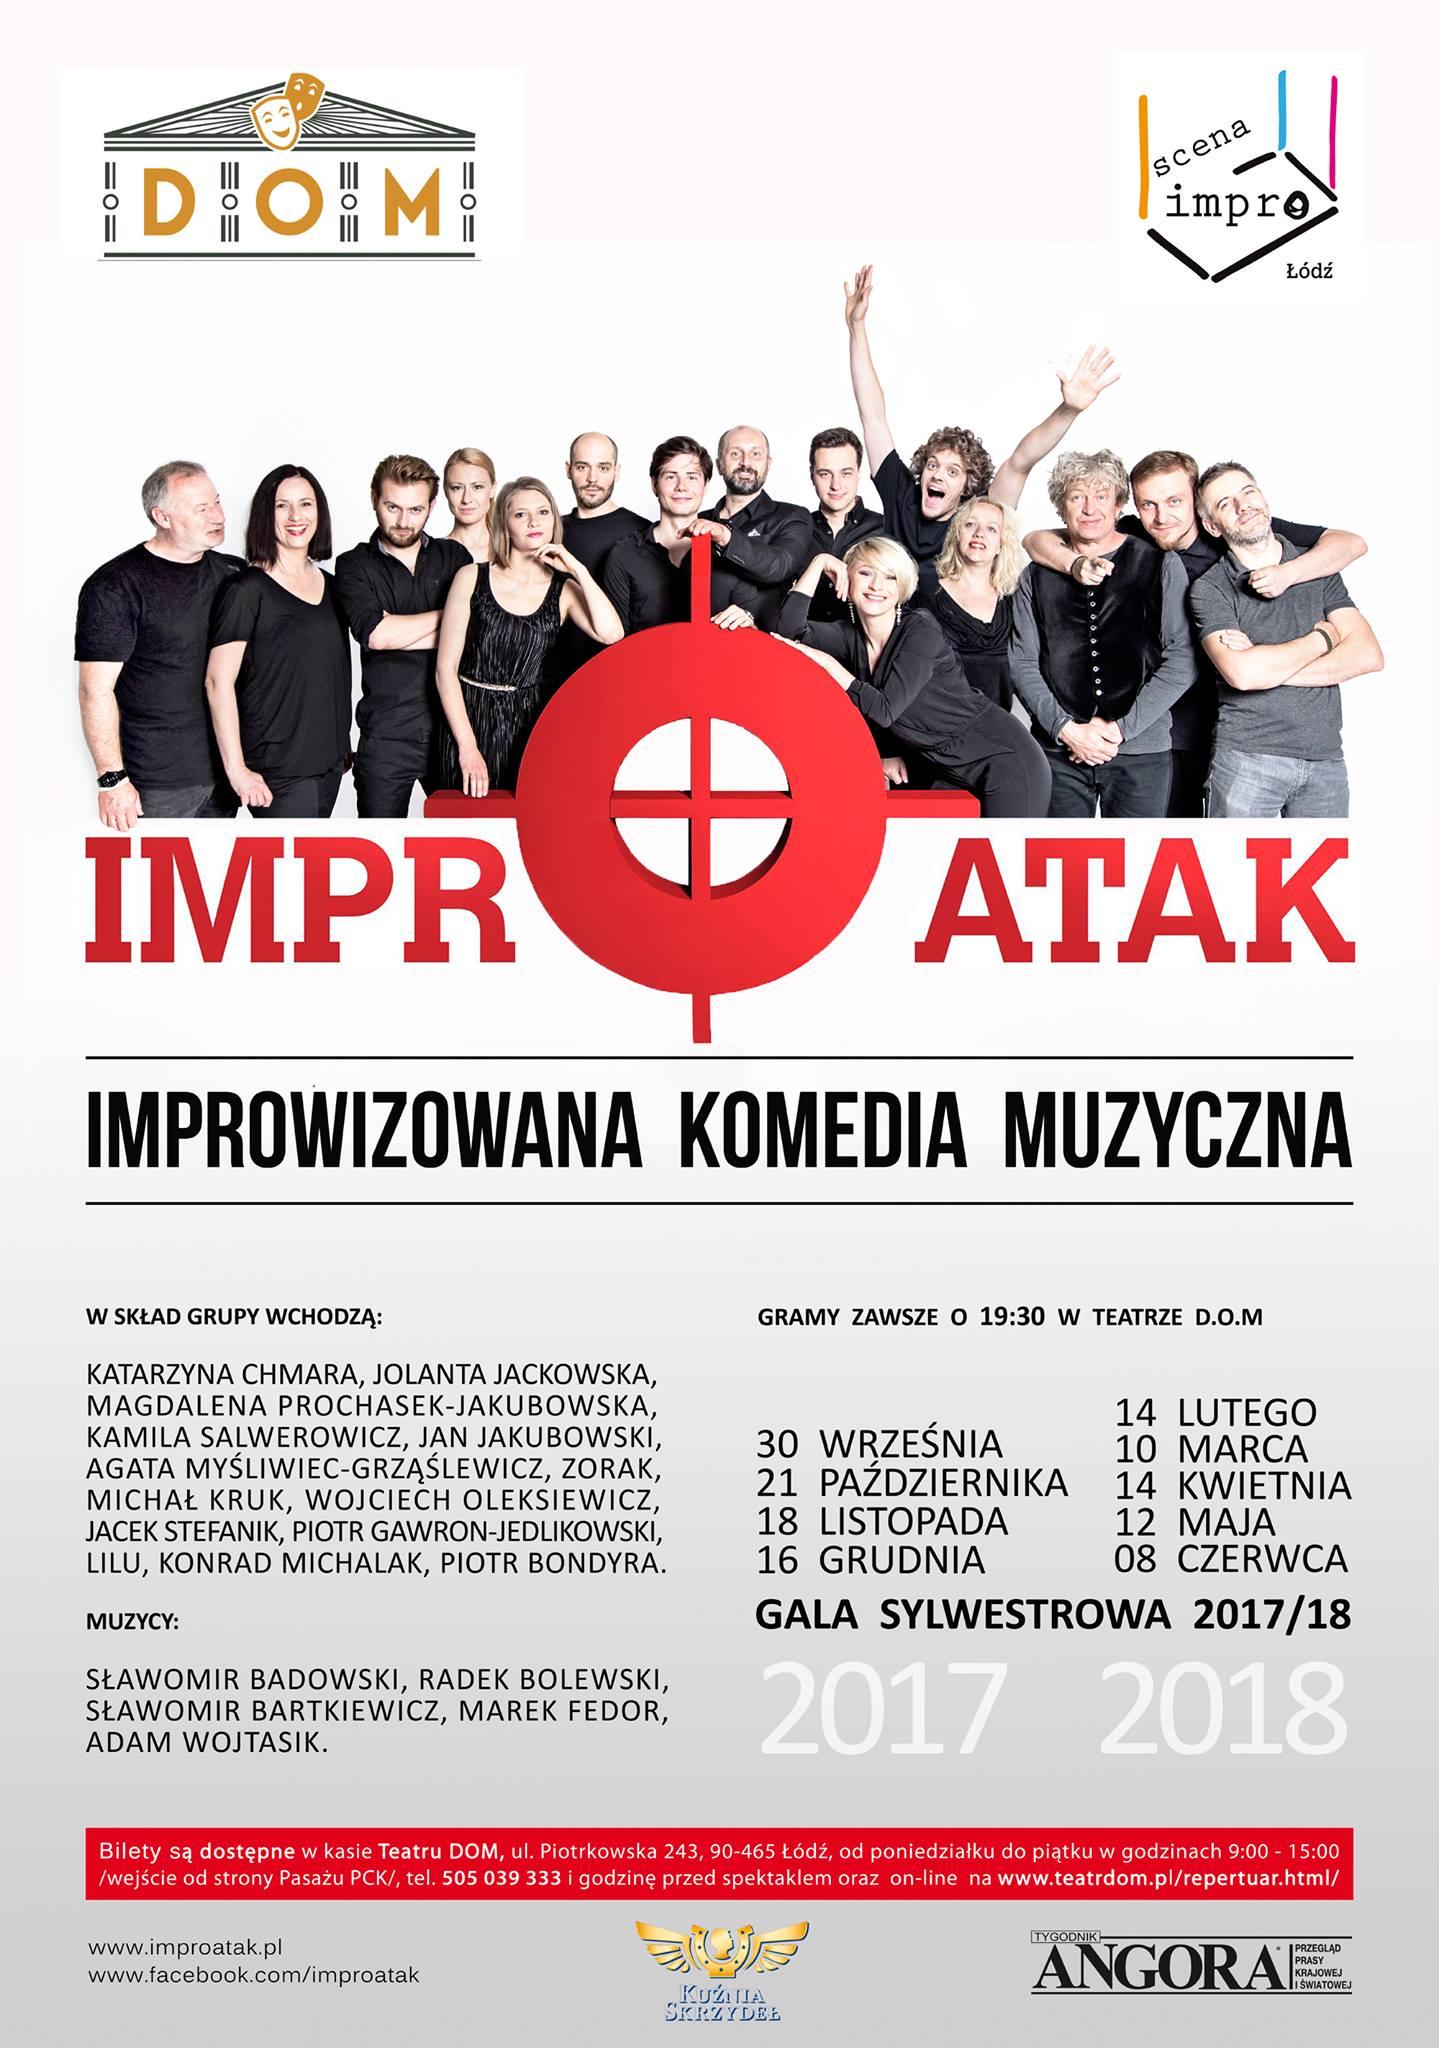 Improwizowana_Komedia_Muzyczna_-_plakat